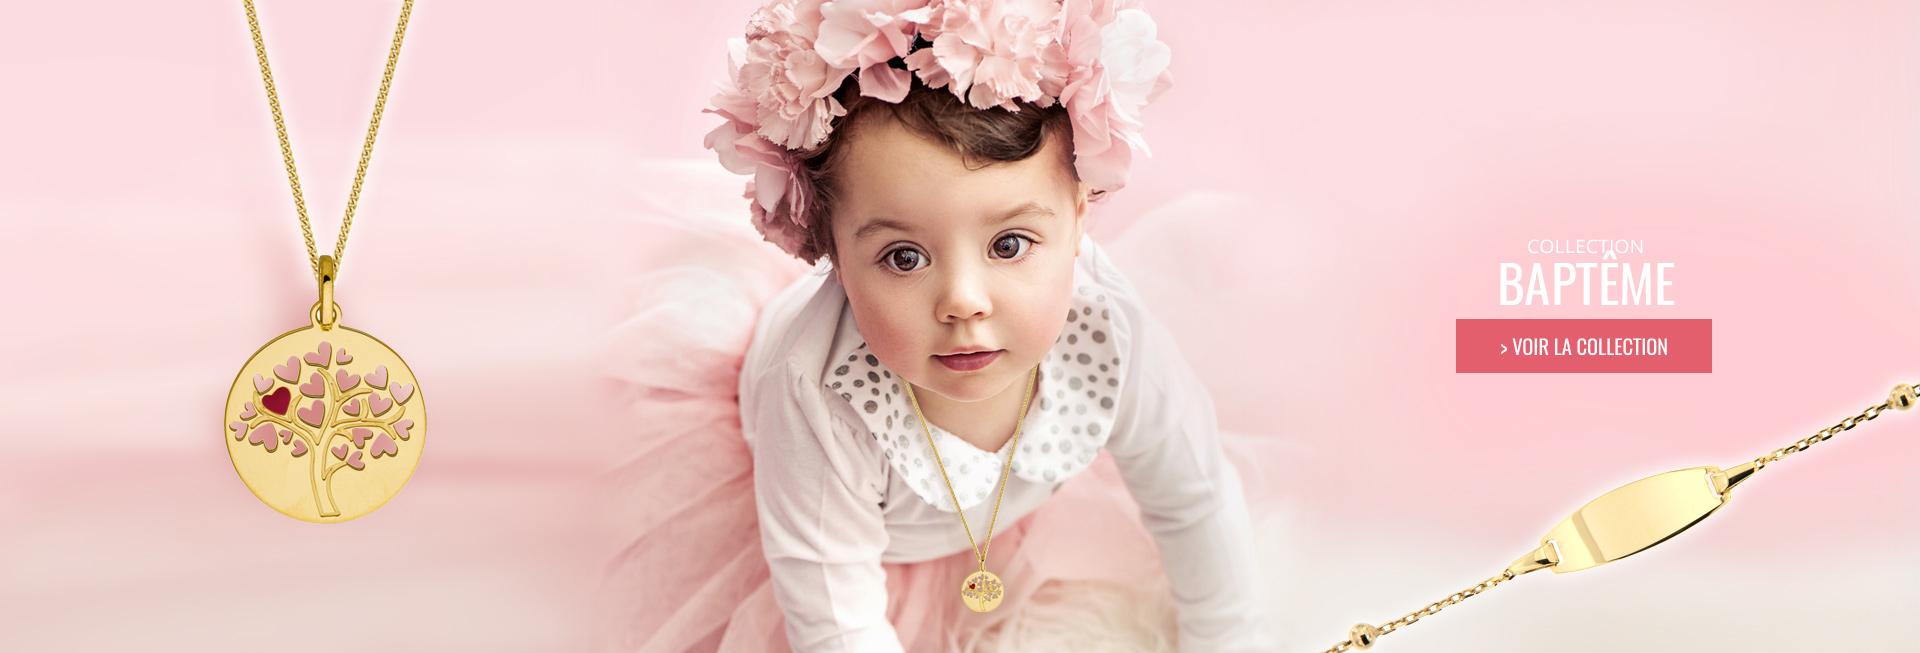 Vente en ligne de nombreux modeles de Bijoux pour le Bapteme, découvrez notre collection de medaille bapteme Or, de gourmette bébé à petit prix, garantie un an, et gravure sur tous nos modèles évenement